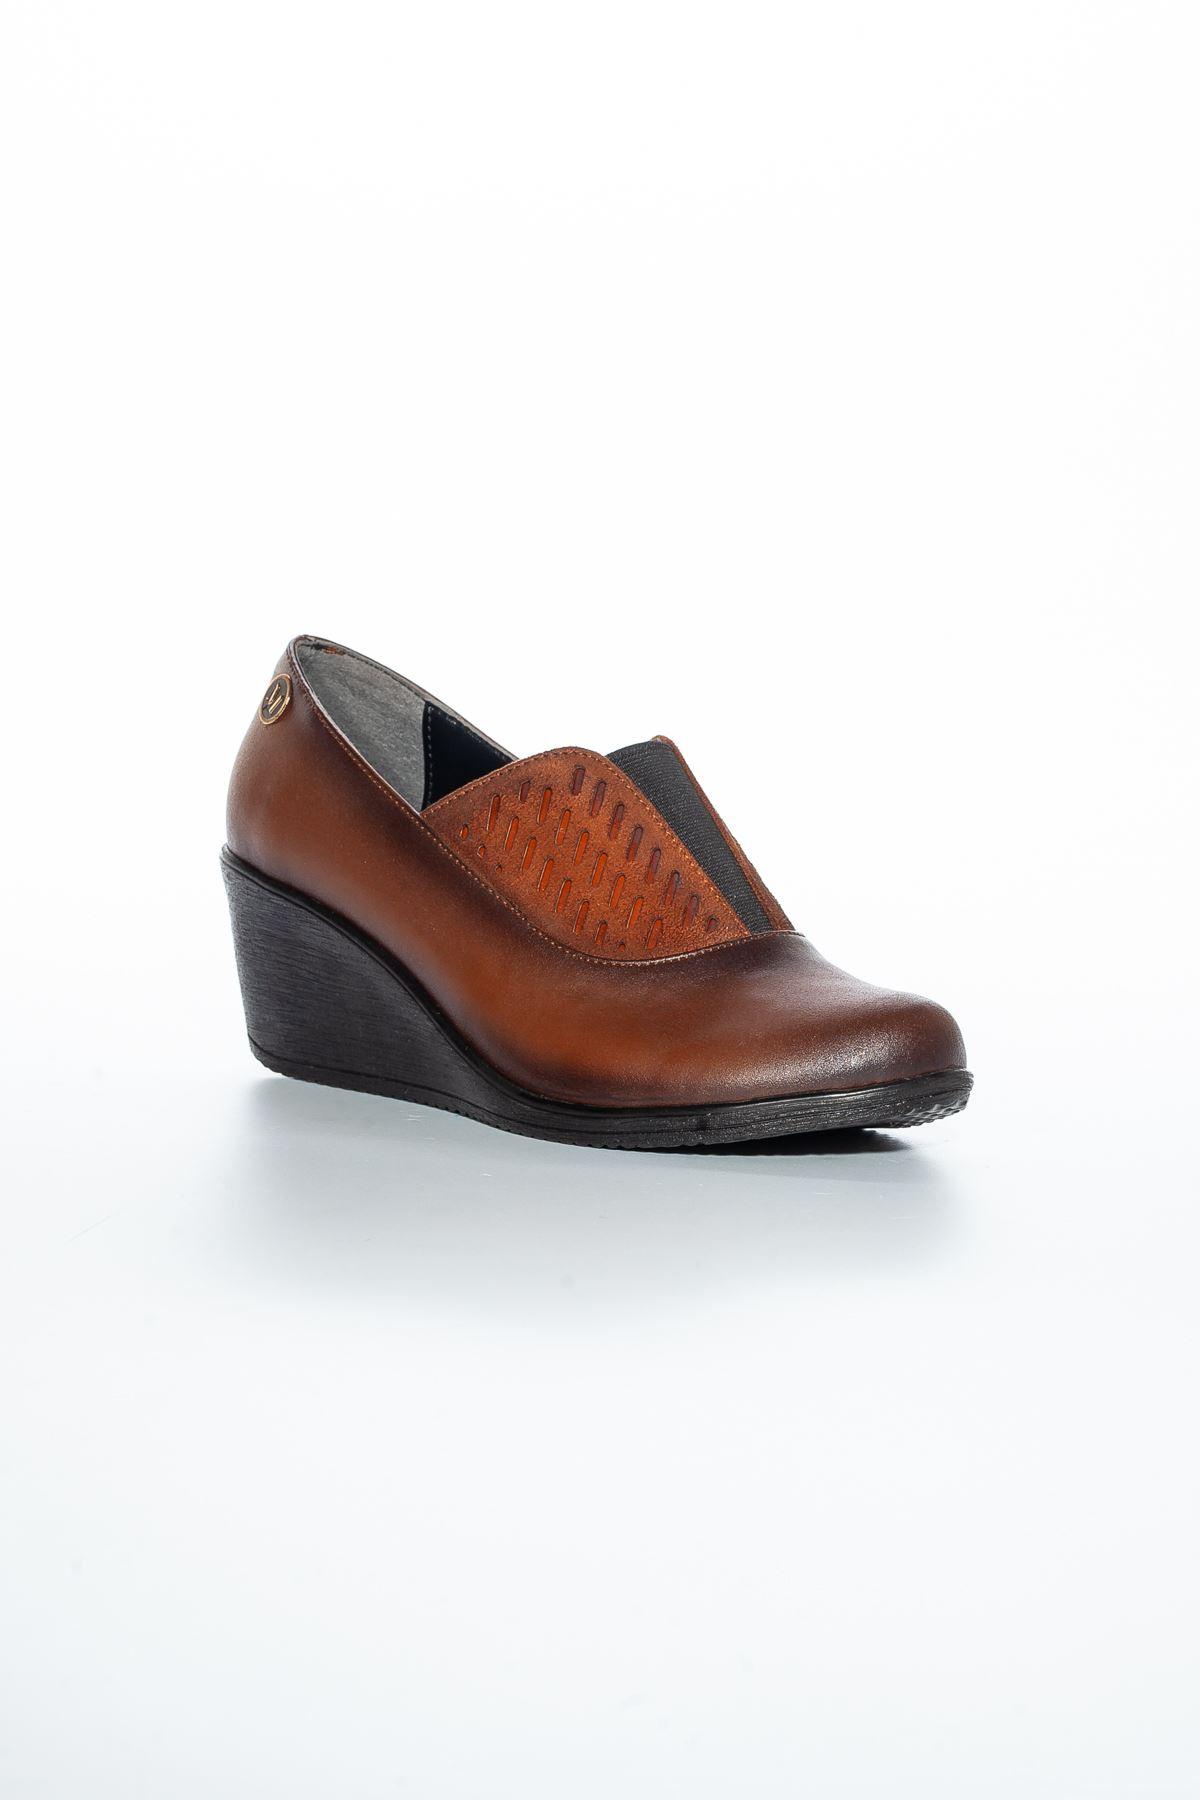 Alda Cilt Ayakkabı Taba